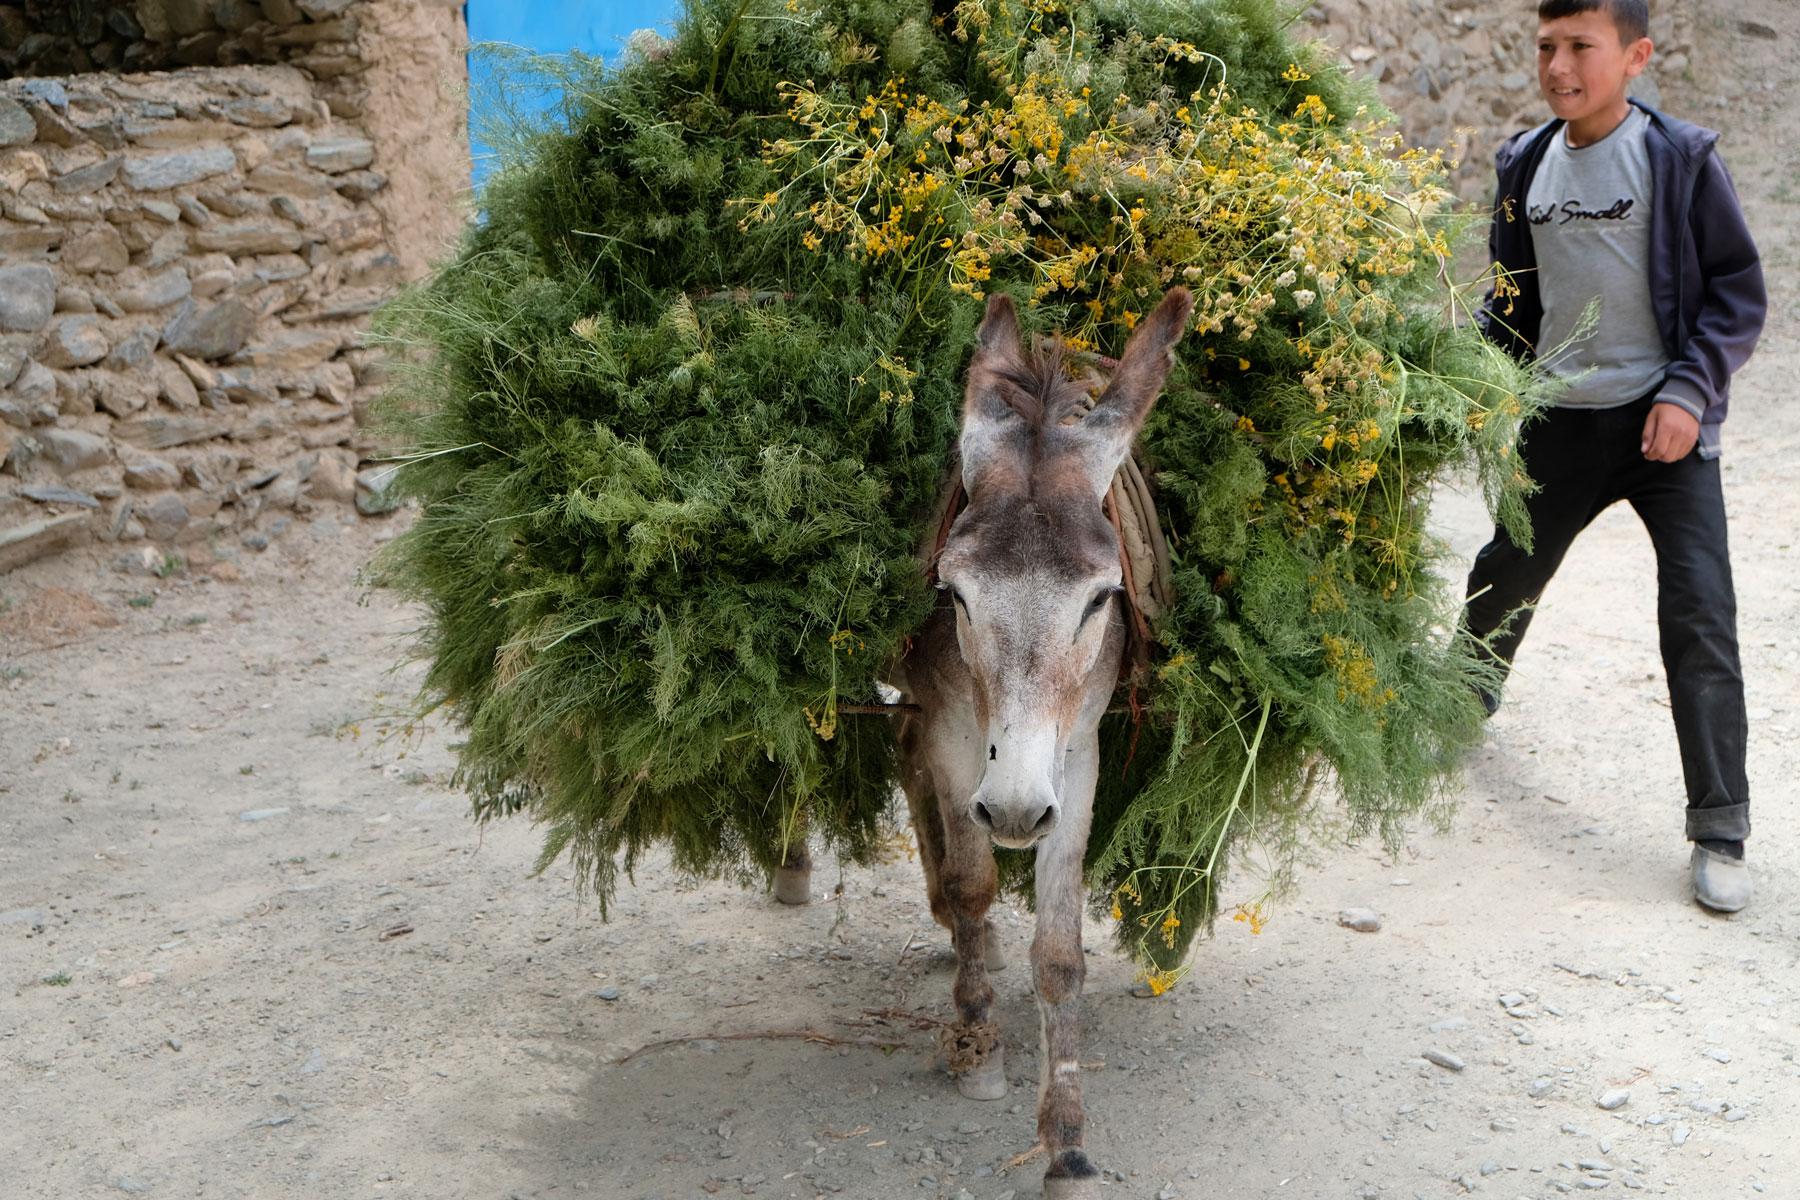 Ein mit Pflanzenteilen beladener Esel